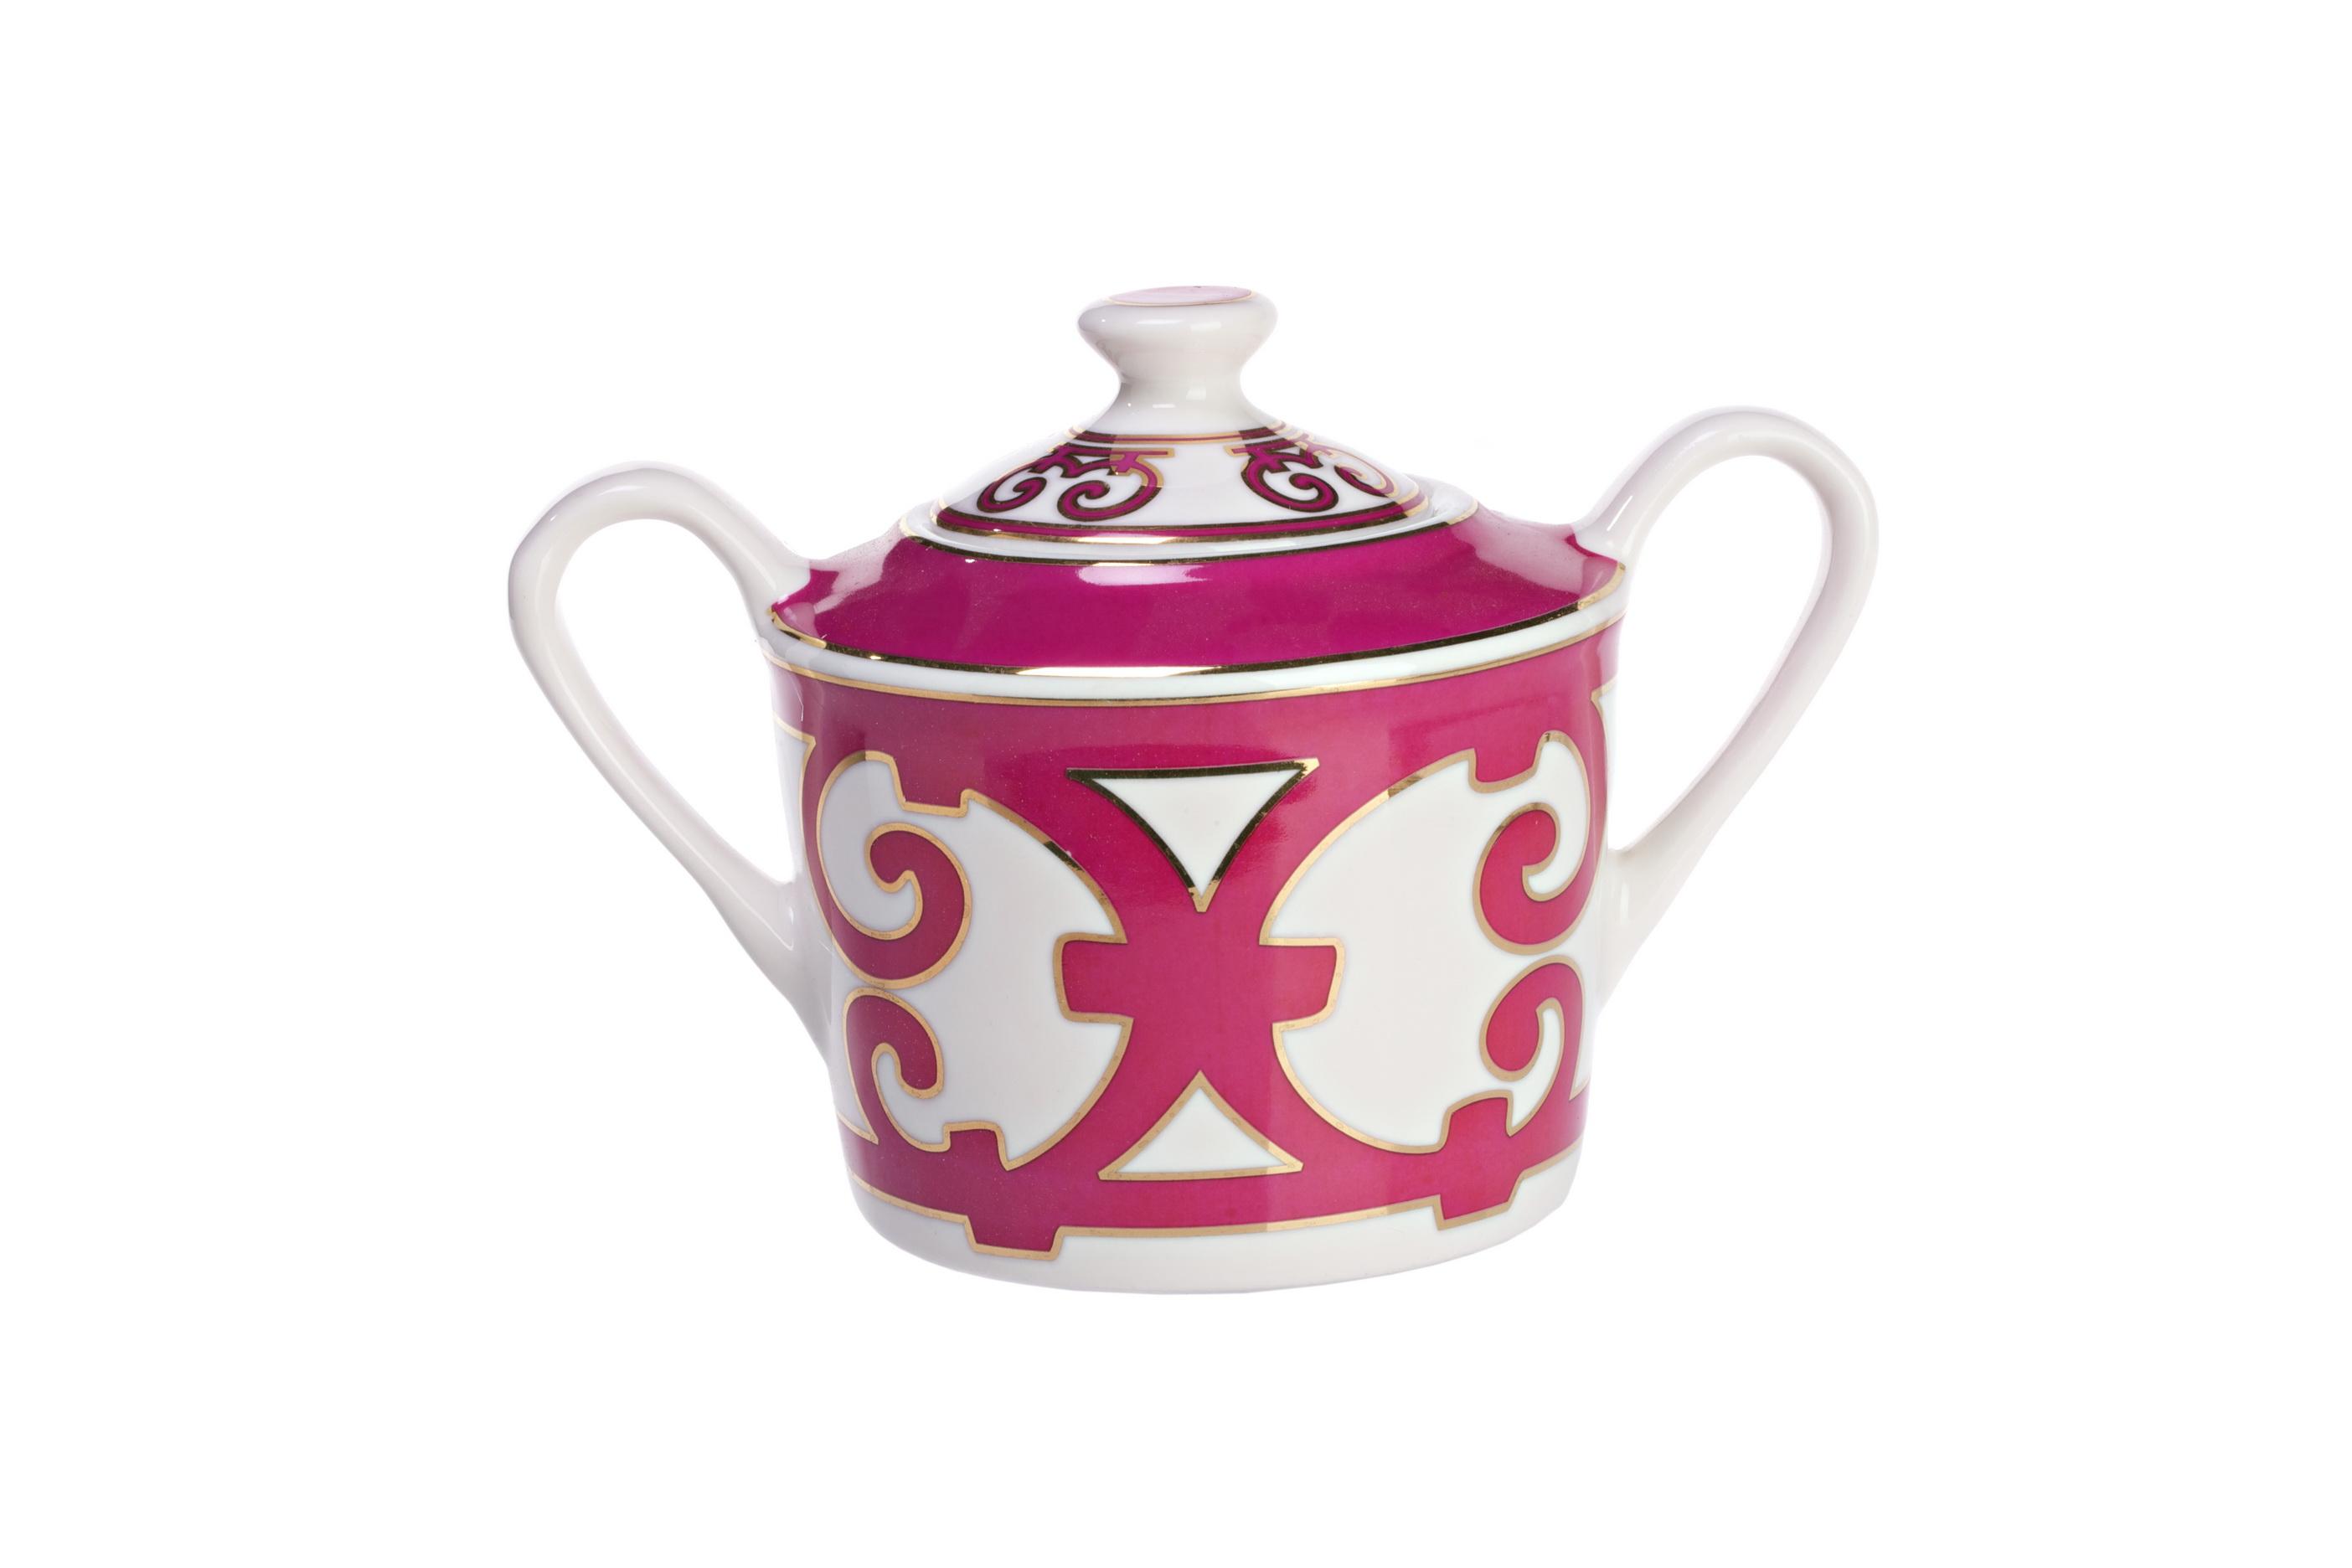 Сахарница SiennaСахарницы<br>«Дух дома живет в сахарнице» — говорил французский поэт Поль Верлен. Существует легенда, согласно которой он частенько приносил с собой сахарницу в кафе, как будто приглашая друзей на чаепитие. В этой удивительной истории есть зерно истины. Сахарница наряду с заварочным чайником — главные предметы чайной церемонии, традиционно объединяющей друзей за чашкой крепкого ароматного чая.<br>Элегантная сахарница из костяного фарфора коллекции Sienna украшена ярким эффектным узором в стиле модерн (moderne). Вы можете купить ее отдельно или в комплекте с другими изделиями данной серии.<br><br>Material: Фарфор<br>Ширина см: 11<br>Высота см: 16<br>Глубина см: 10